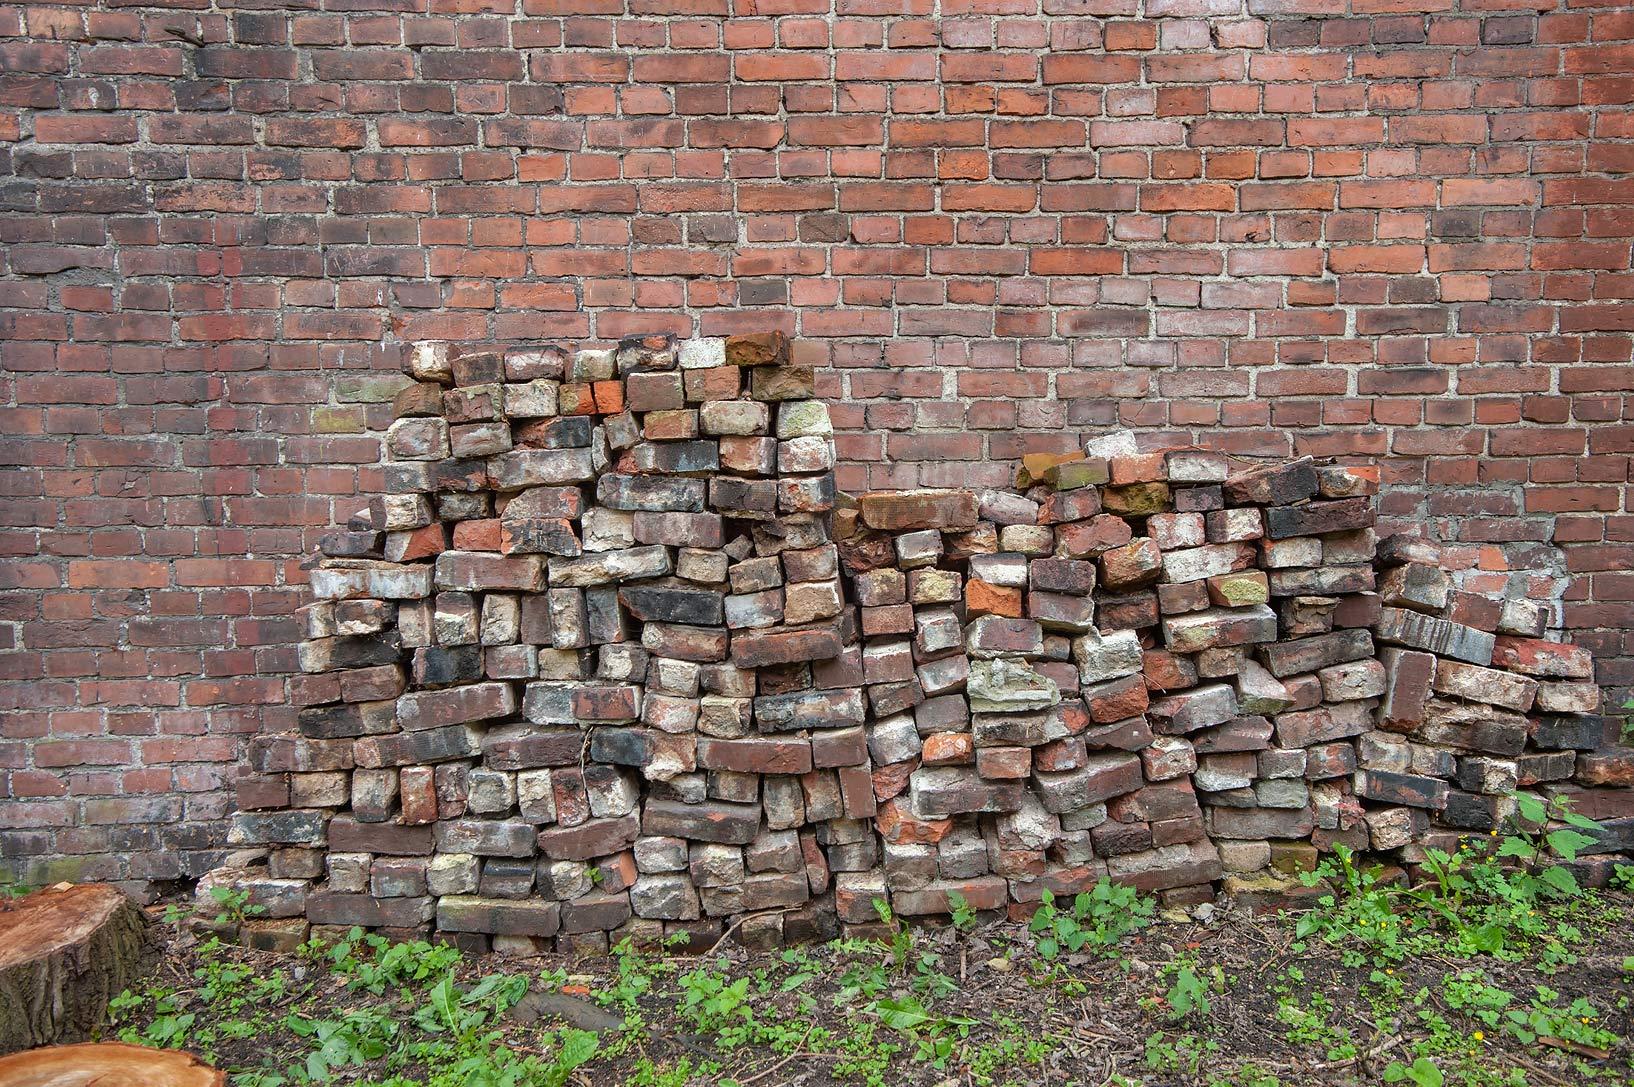 Photo 1441-14: Pile of bricks at Krasnoflotskaya St ...